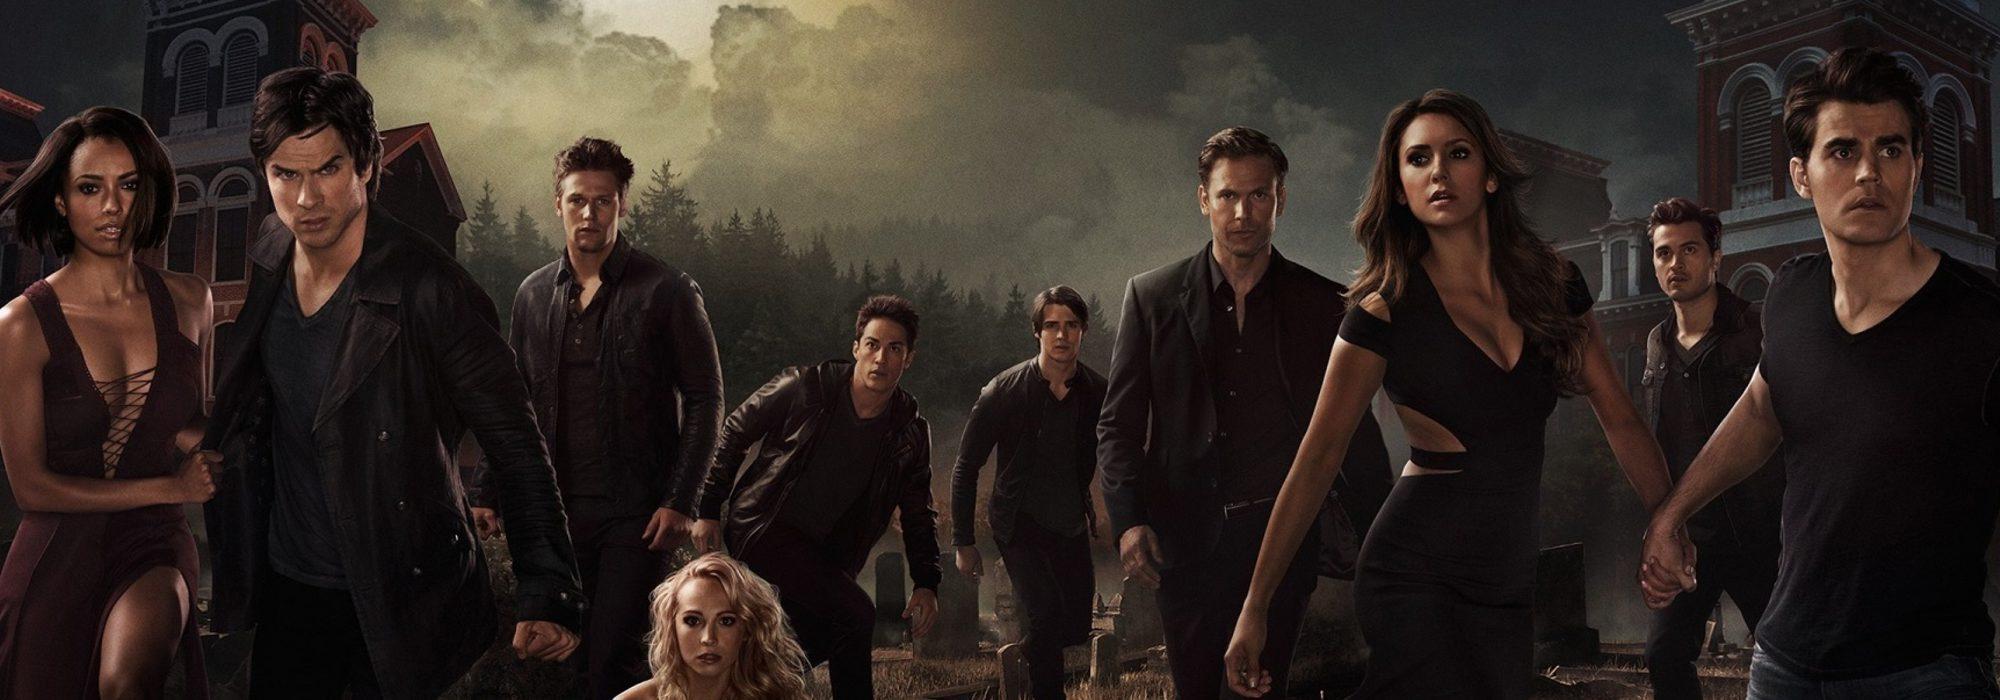 10 series con vampiros entre sus personajes